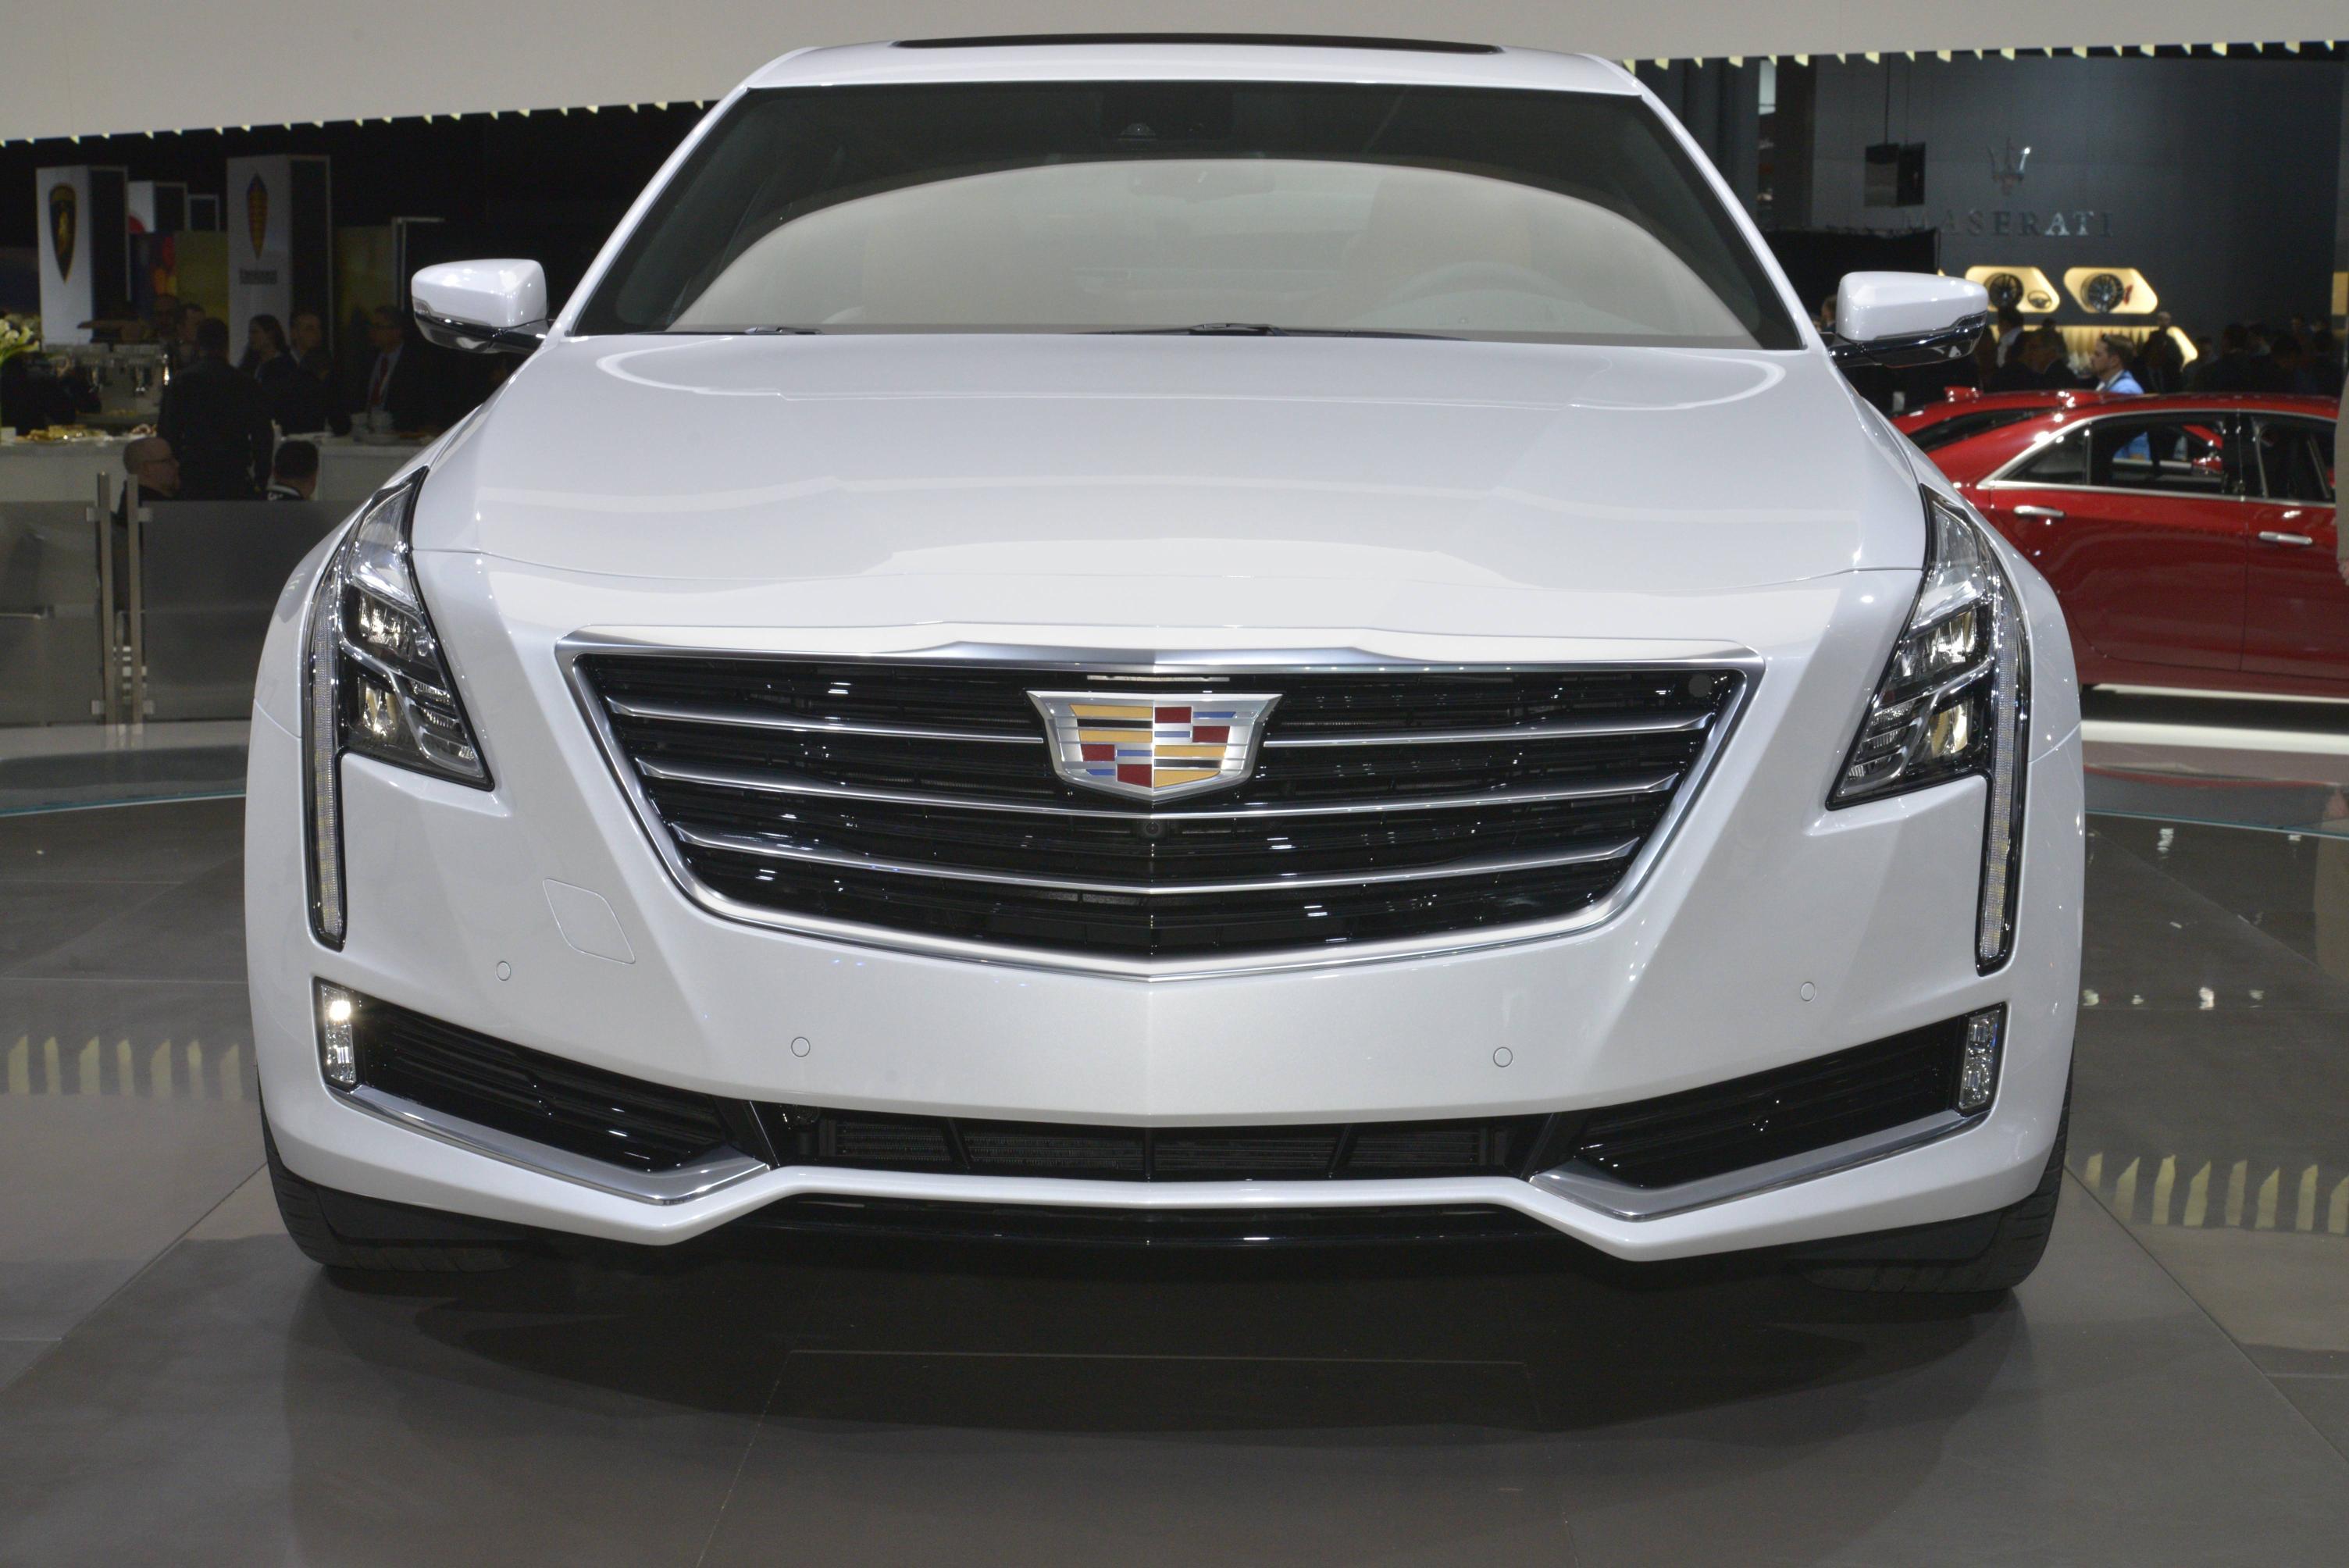 2014 Cadillac Escalade Debut And Price | Autos Post